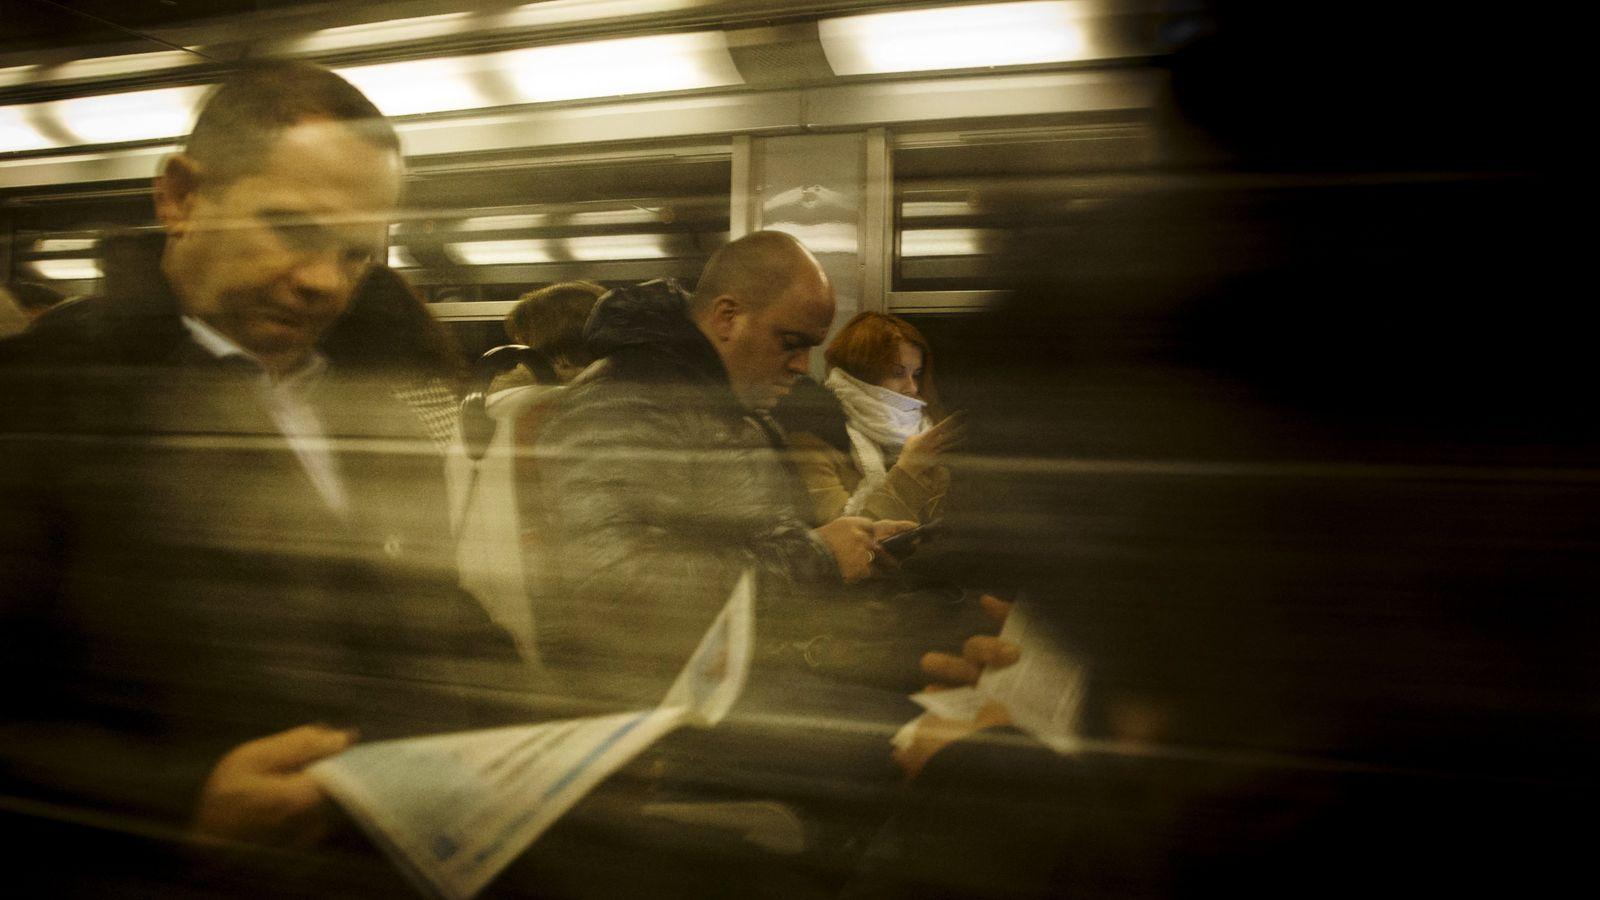 Journal, livre, smartphone... autant de supports permettant d'agrémenter les trajets d'usagers du RER C.